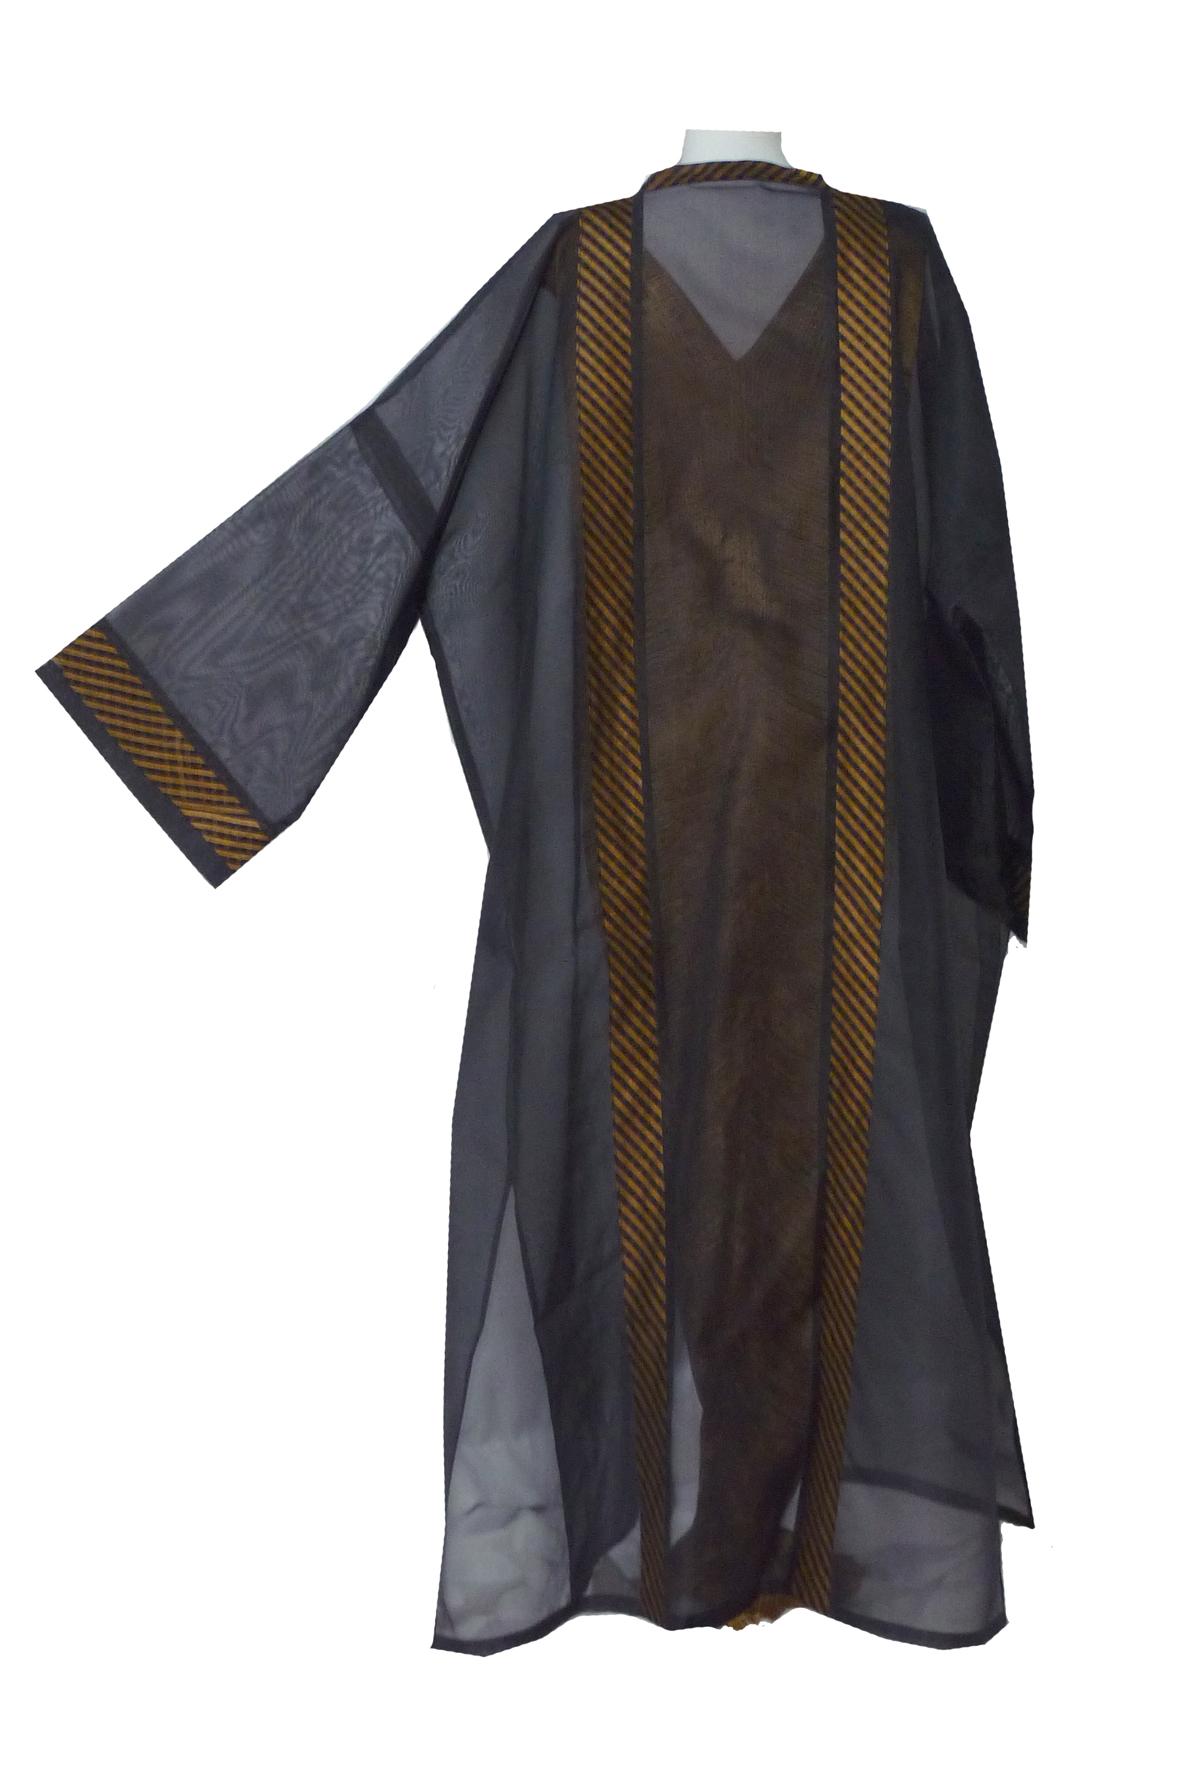 Grand Black Organza Kimono-4968